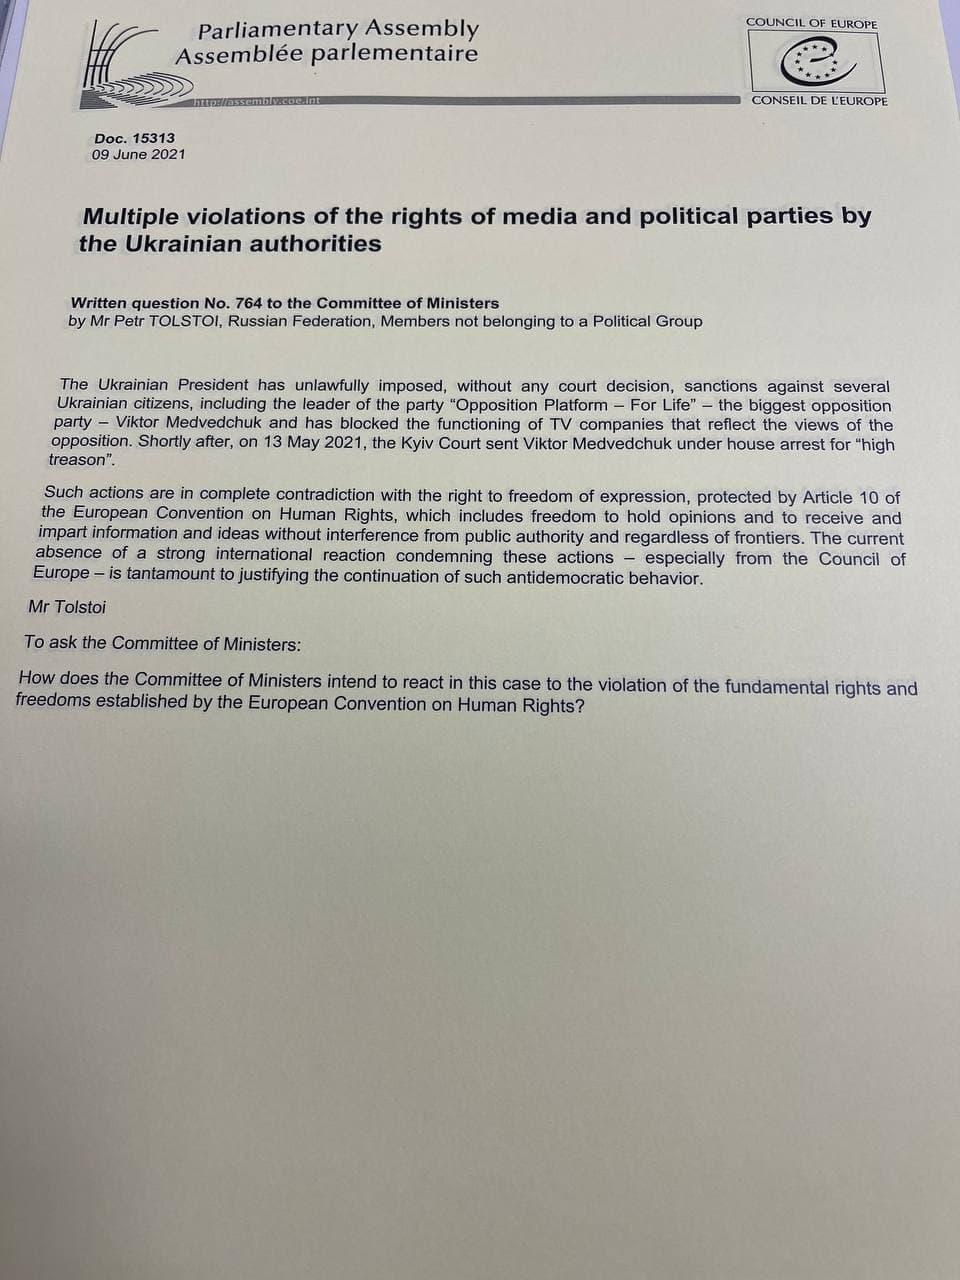 Росія в ПАРЄ вимагає розглянути питання санкцій проти Медведчука і закриття трьох каналів